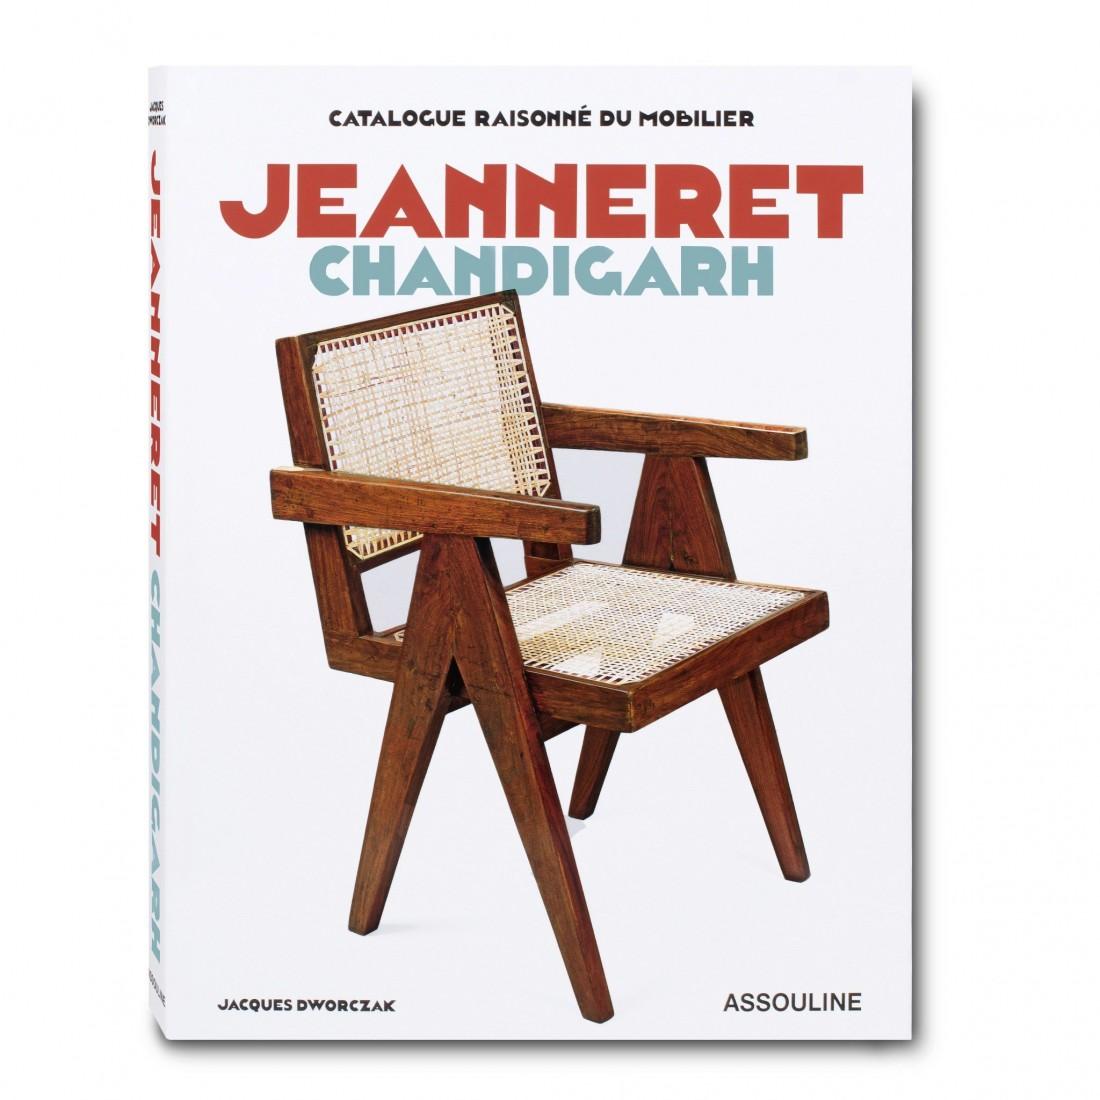 Catalogue Raisonné du Mobilier: Jeanneret Chandigarh Assouline